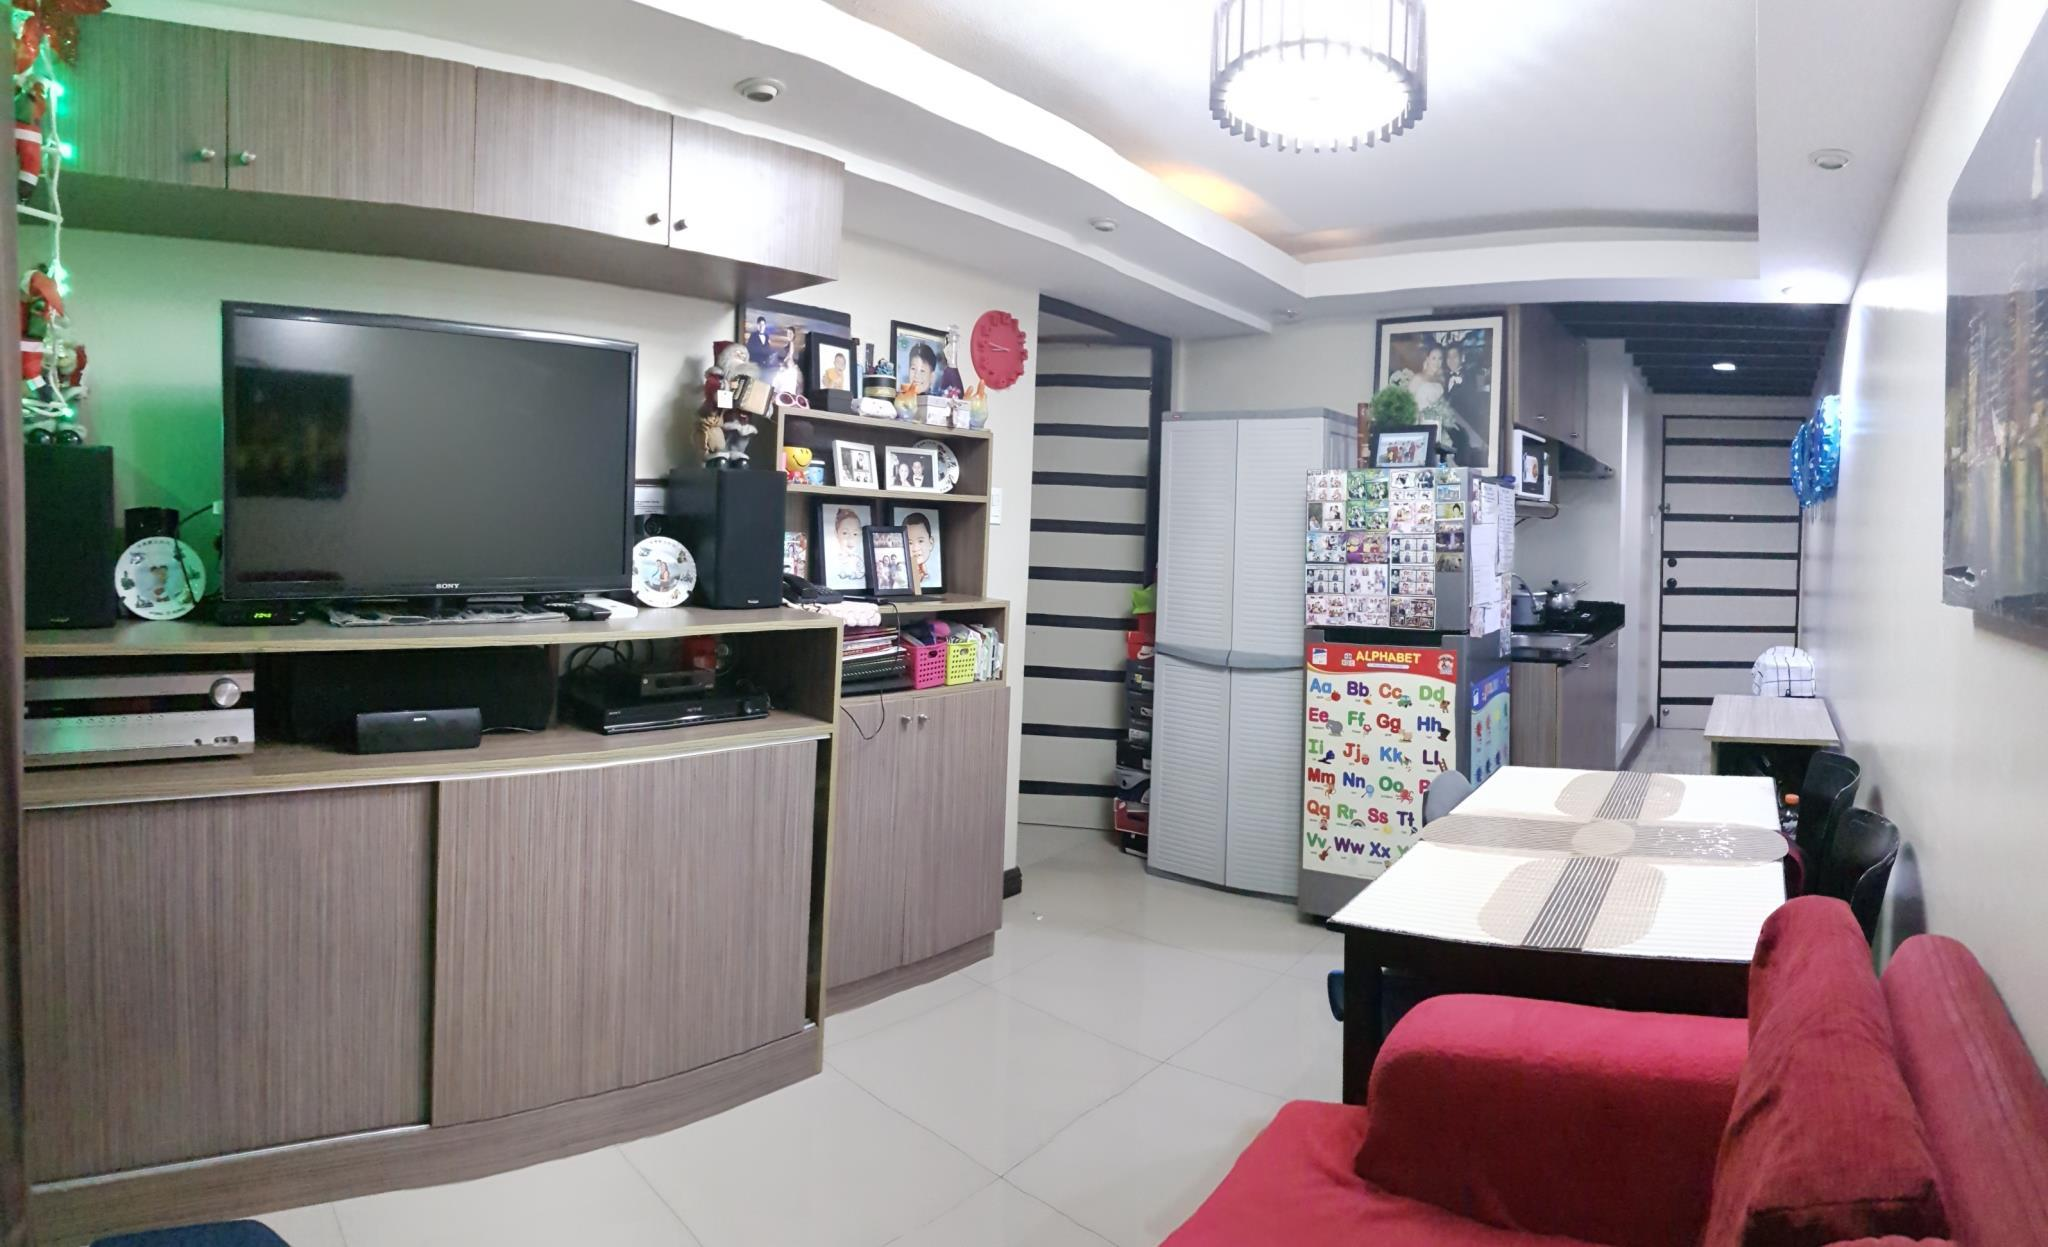 1 Bedroom Condo Unit In Pasig